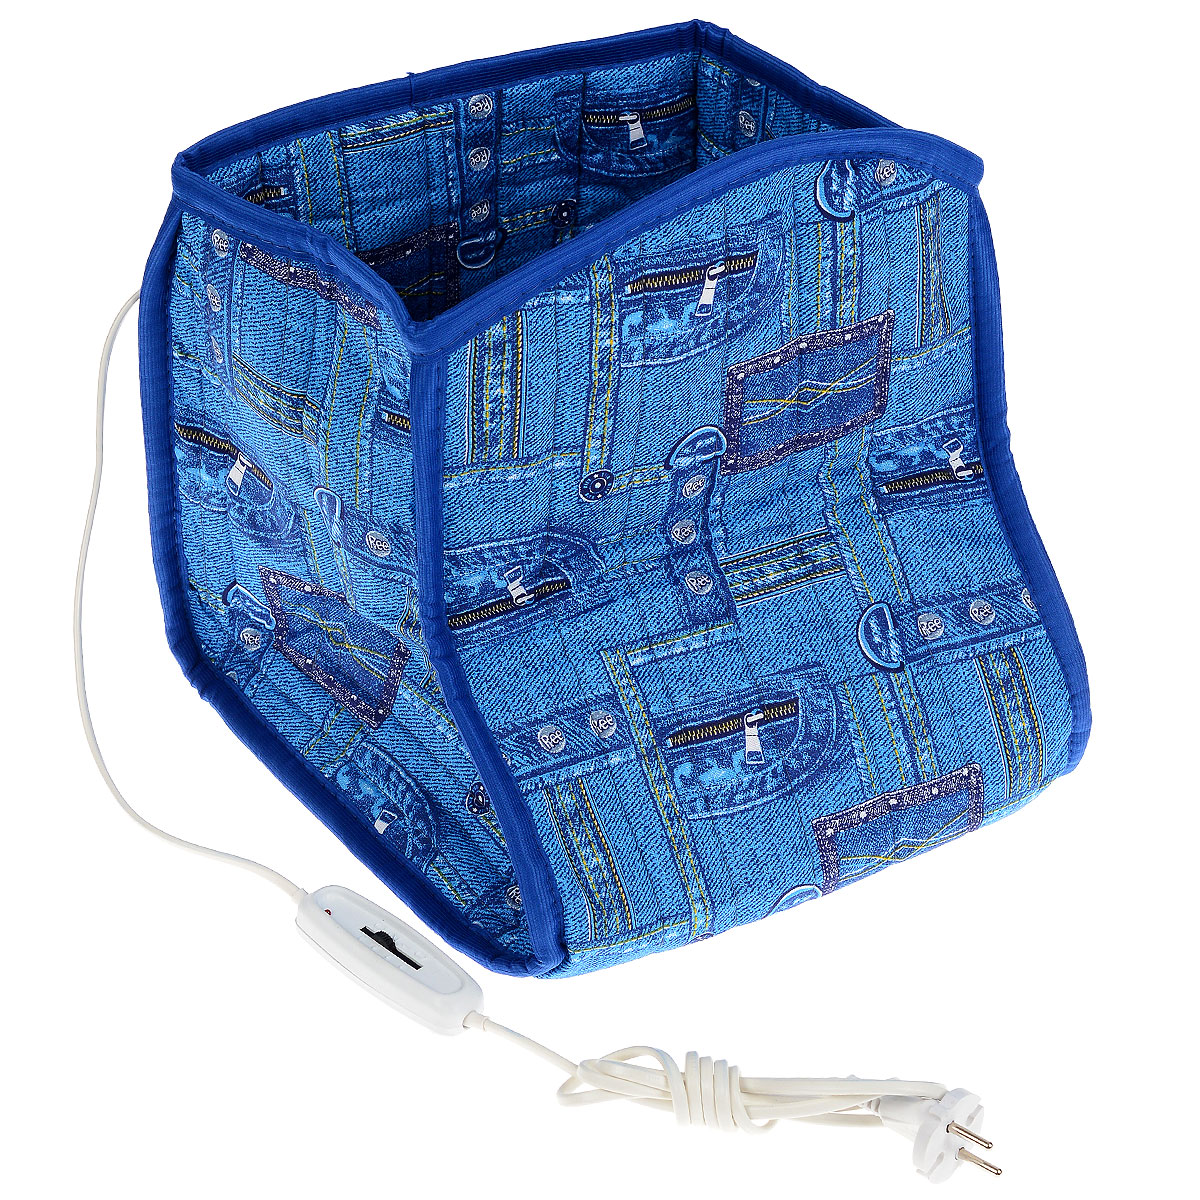 """Электросапог """"Инкор"""" с нагревательным элементом из экологически чистого углеродного  волокна (неметаллический нагревательный элемент, который не растягивается, не  ломается, не окисляется, не воспламеняется и не деформируется даже при сильных  нагрузках) - это низкотемпературный обогреватель, предназначенный для местного  обогрева ног в домашних условиях.  Этот обогреватель даст вам абсолютно безопасное сухое тепло с инфракрасным  излучением незаменимым при лечении многих заболеваний. Он поможет быстро  согреться после охлаждения, окажется полезным во время болезни, к тому же, в  результате теплового воздействия нормализуется кровообращение, смягчаются болевые  ощущения.  Электросапог оснащен четырехпозиционным переключателем режимов со светодиодом.  Две крайние позиции """"0"""" используются для выключения изделия без визуального  контроля. Позиция """"2"""" используется при предварительном прогреве (15-20 минут) или для  интенсивного согревания (не использовать более 30 минут). Позиция """"1"""" используется для  поддержания комфортной температуры.  ПРЕДУПРЕЖДЕНИЕ!  - Нельзя использовать в сложенном виде.  - Нельзя втыкать булавки - инородный металлический предмет может замкнуть  электроцепь изделия, что, в свою очередь, может привести к пожару.  - Нельзя использовать в мокром состоянии - наличие влаги может привести к замыканию  электроцепи.  - Нельзя применять для беспомощных лиц, детей и лиц не чувствительных к теплу.  - Нельзя стирать и подвергать сухой чистке. Температура нагрева (режим 2): 45-55 °С. Температура нагрева (режим 1): 25-40 °С. Номинальная частота: 50 Гц. Класс защиты поражения током: 2. Длина провода: 180 см.    УВАЖАЕМЫЕ КЛИЕНТЫ!    Товар поставляется в цветовом ассортименте. Поставка осуществляется в зависимости от  наличия на складе."""